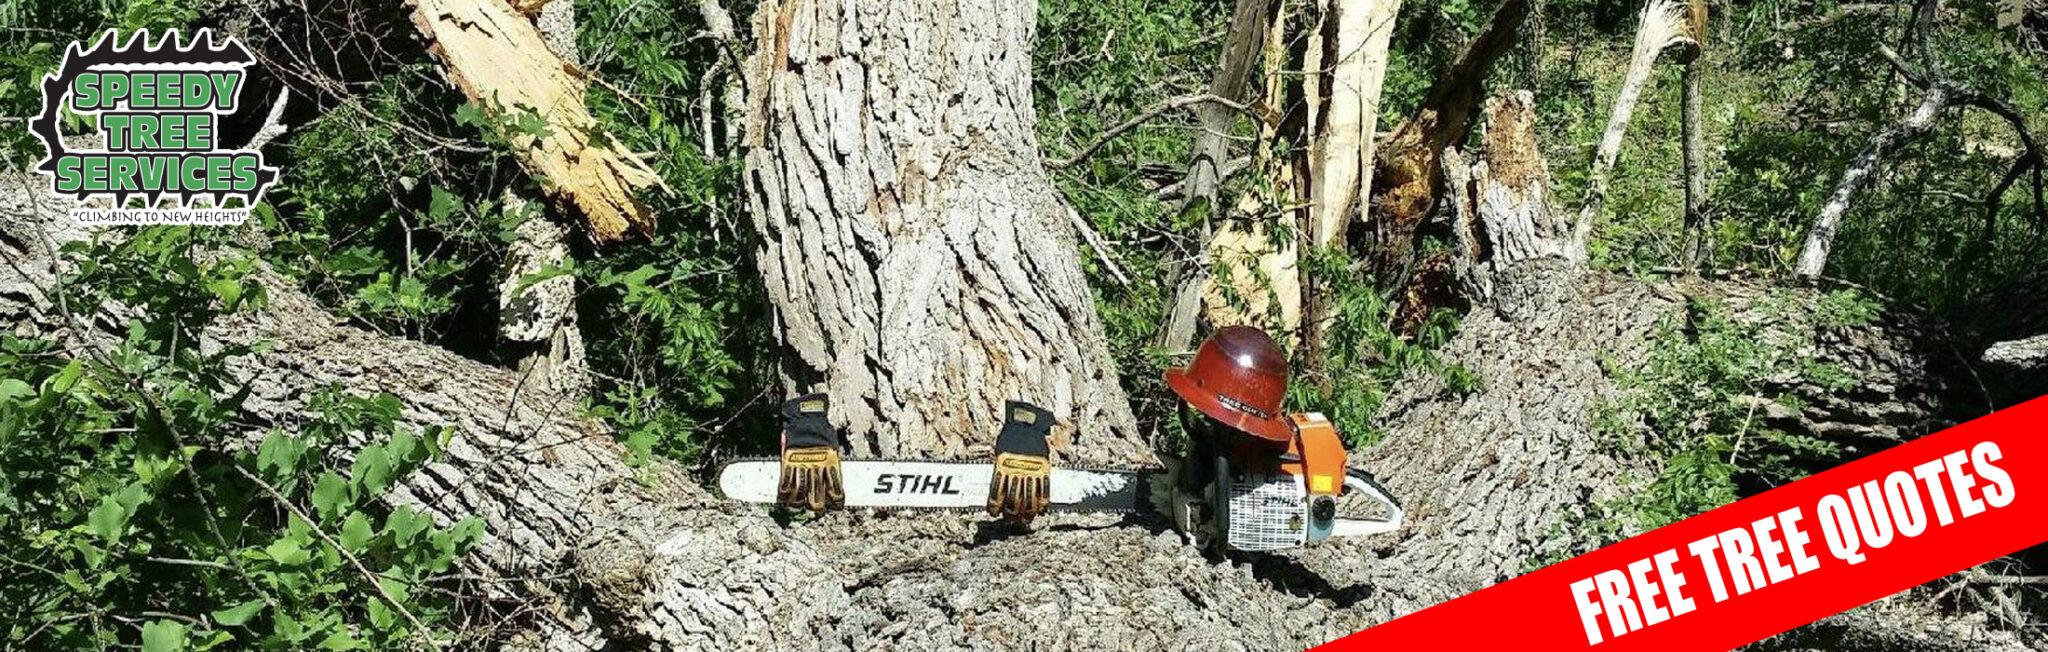 Speedy Tree slider 3 -2021